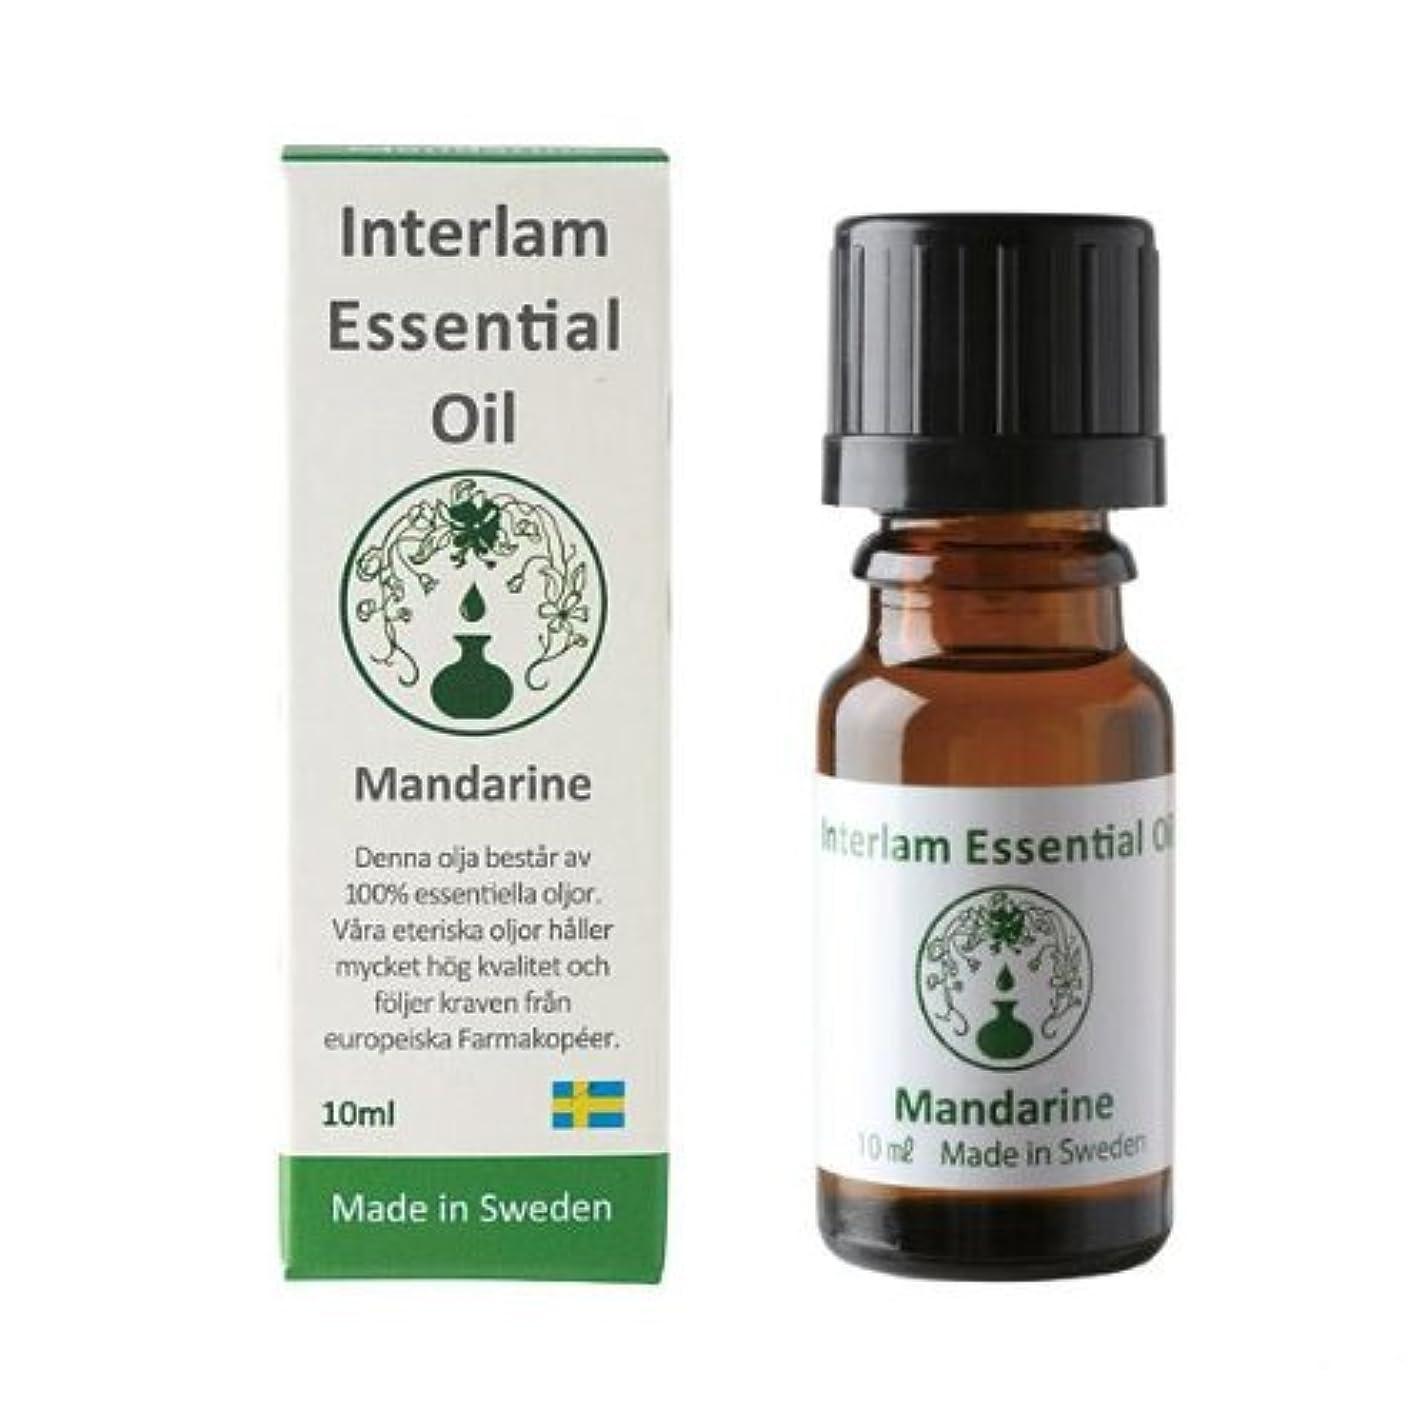 報復ブランチいいねInterlam Essential Oil マンダリン 10ml